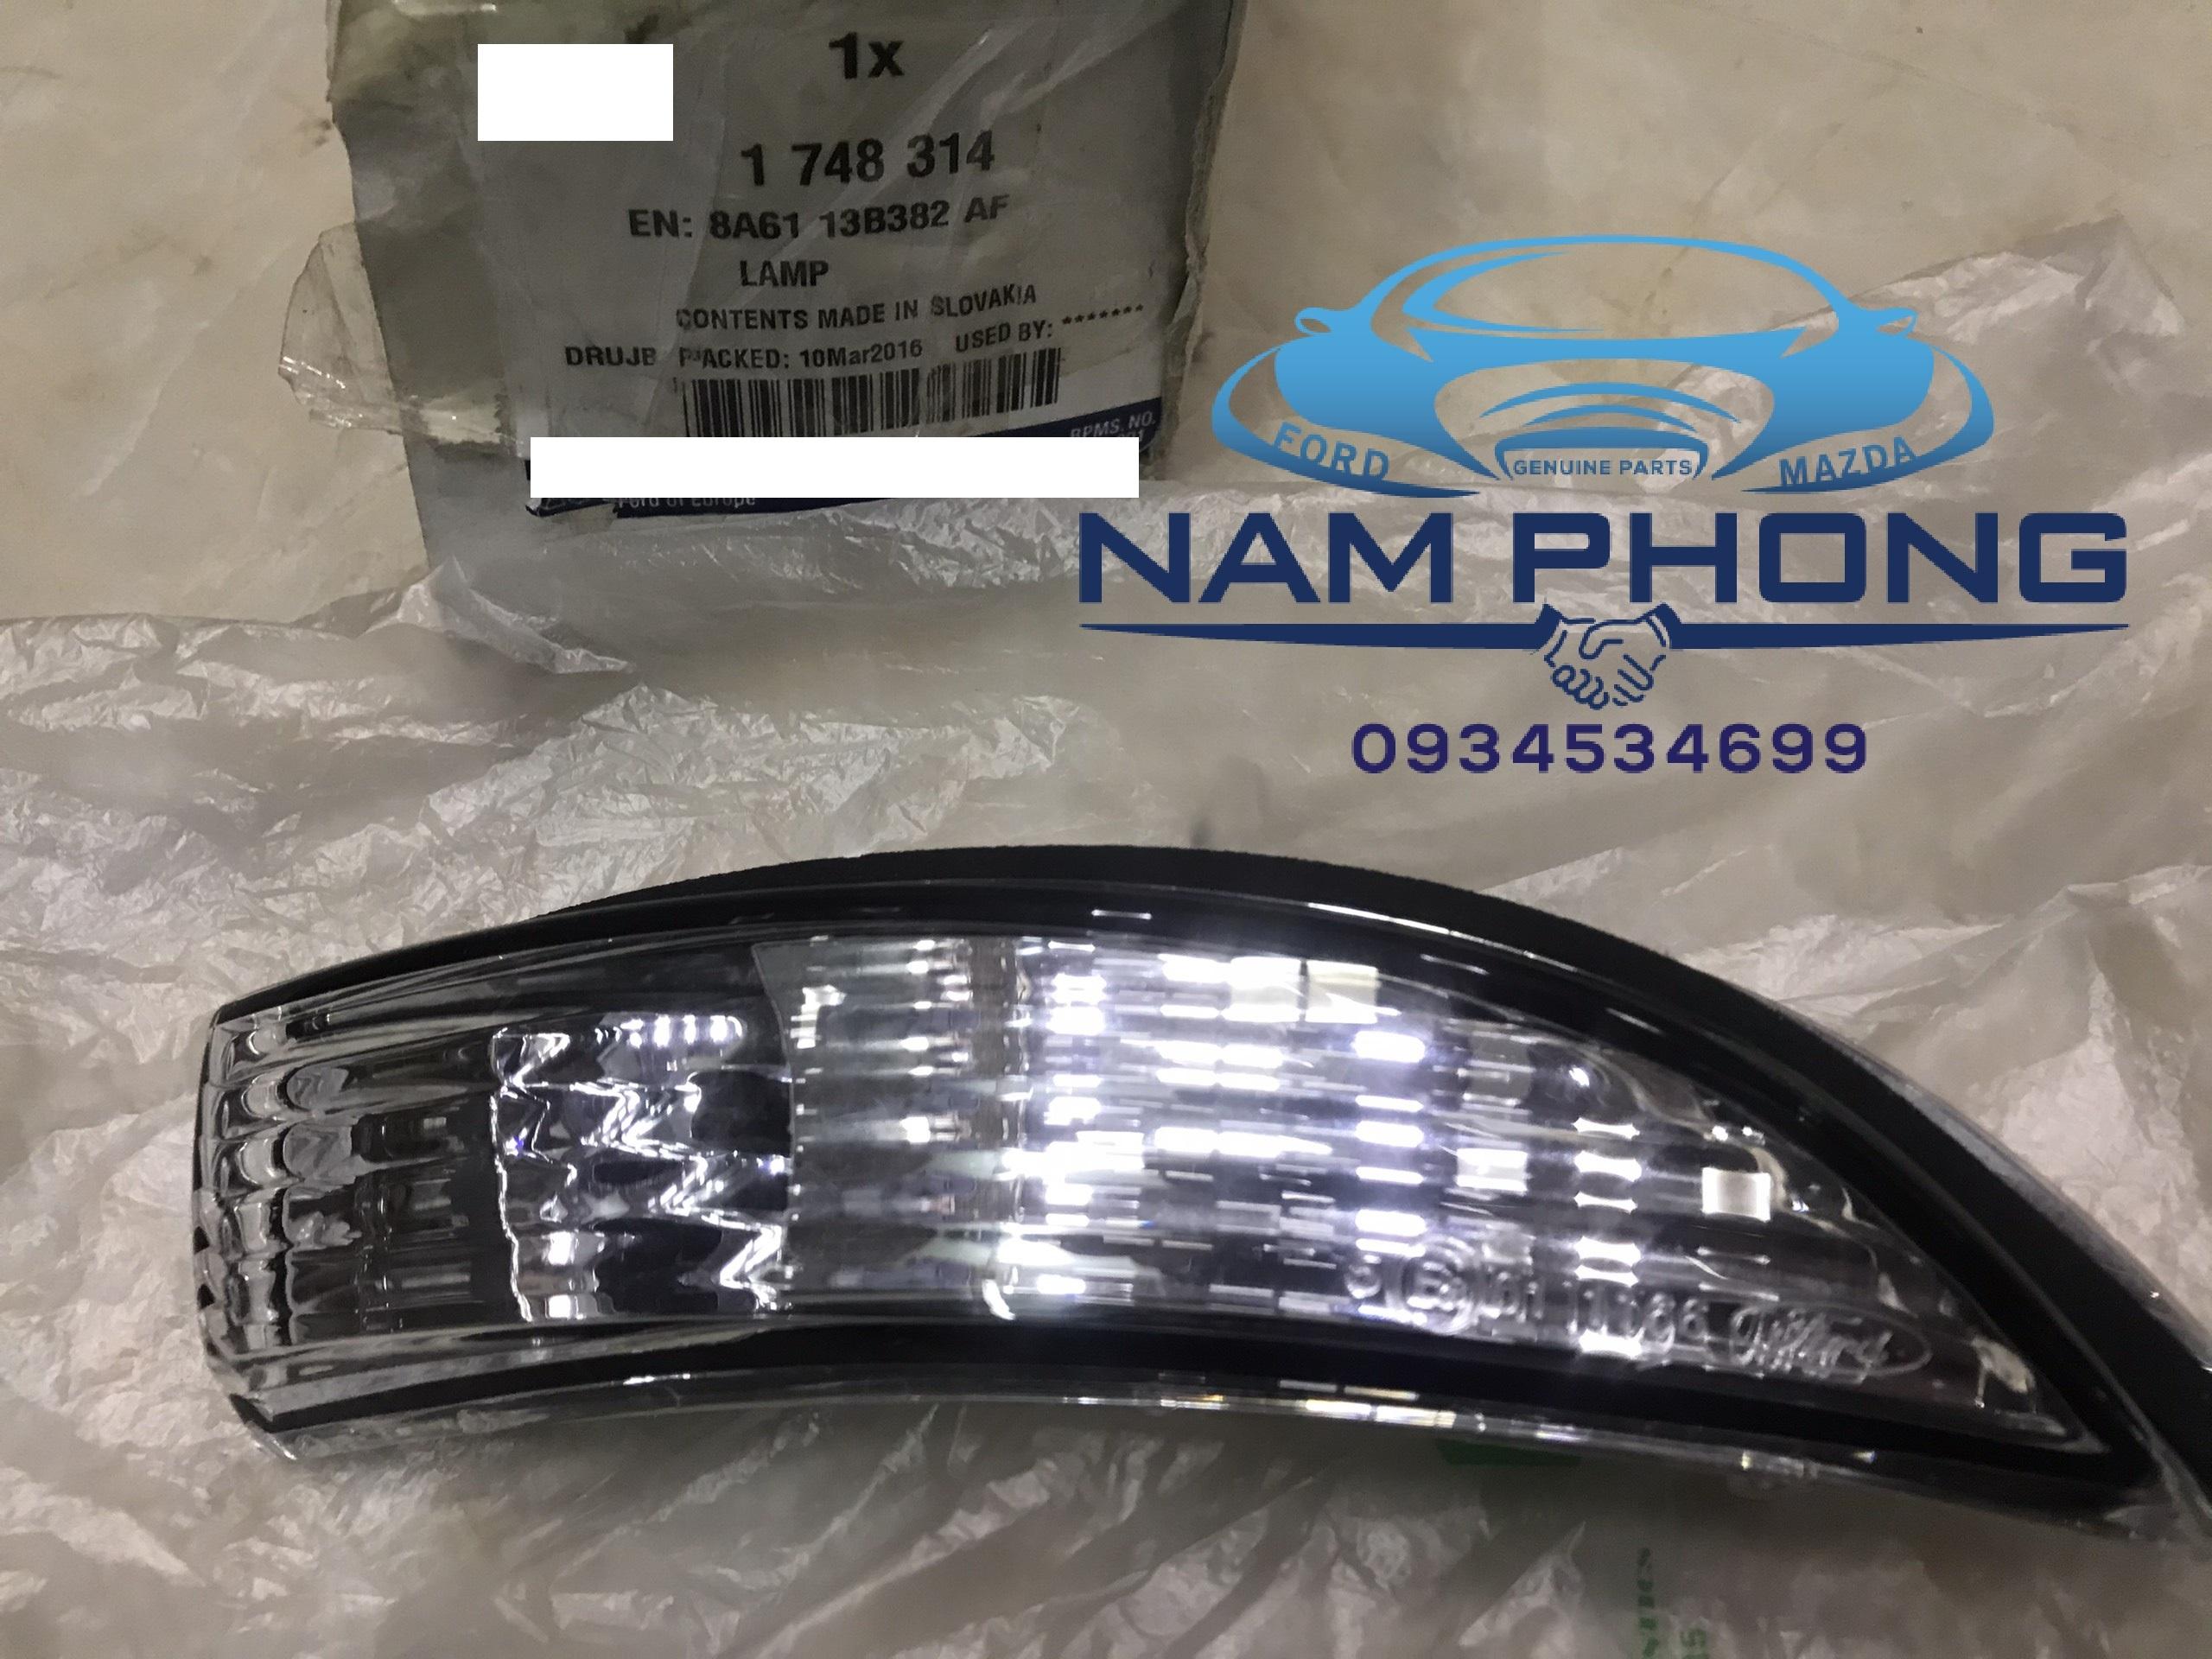 Đèn xi nhan trên gương Fiesta 16 RH LH  -  8A6113B382AF / 8A6113B381AF , Sử dụng cho các dòng xe Fiesta từ đời  2014 – 2018 , LAMP SD FLASHER RH